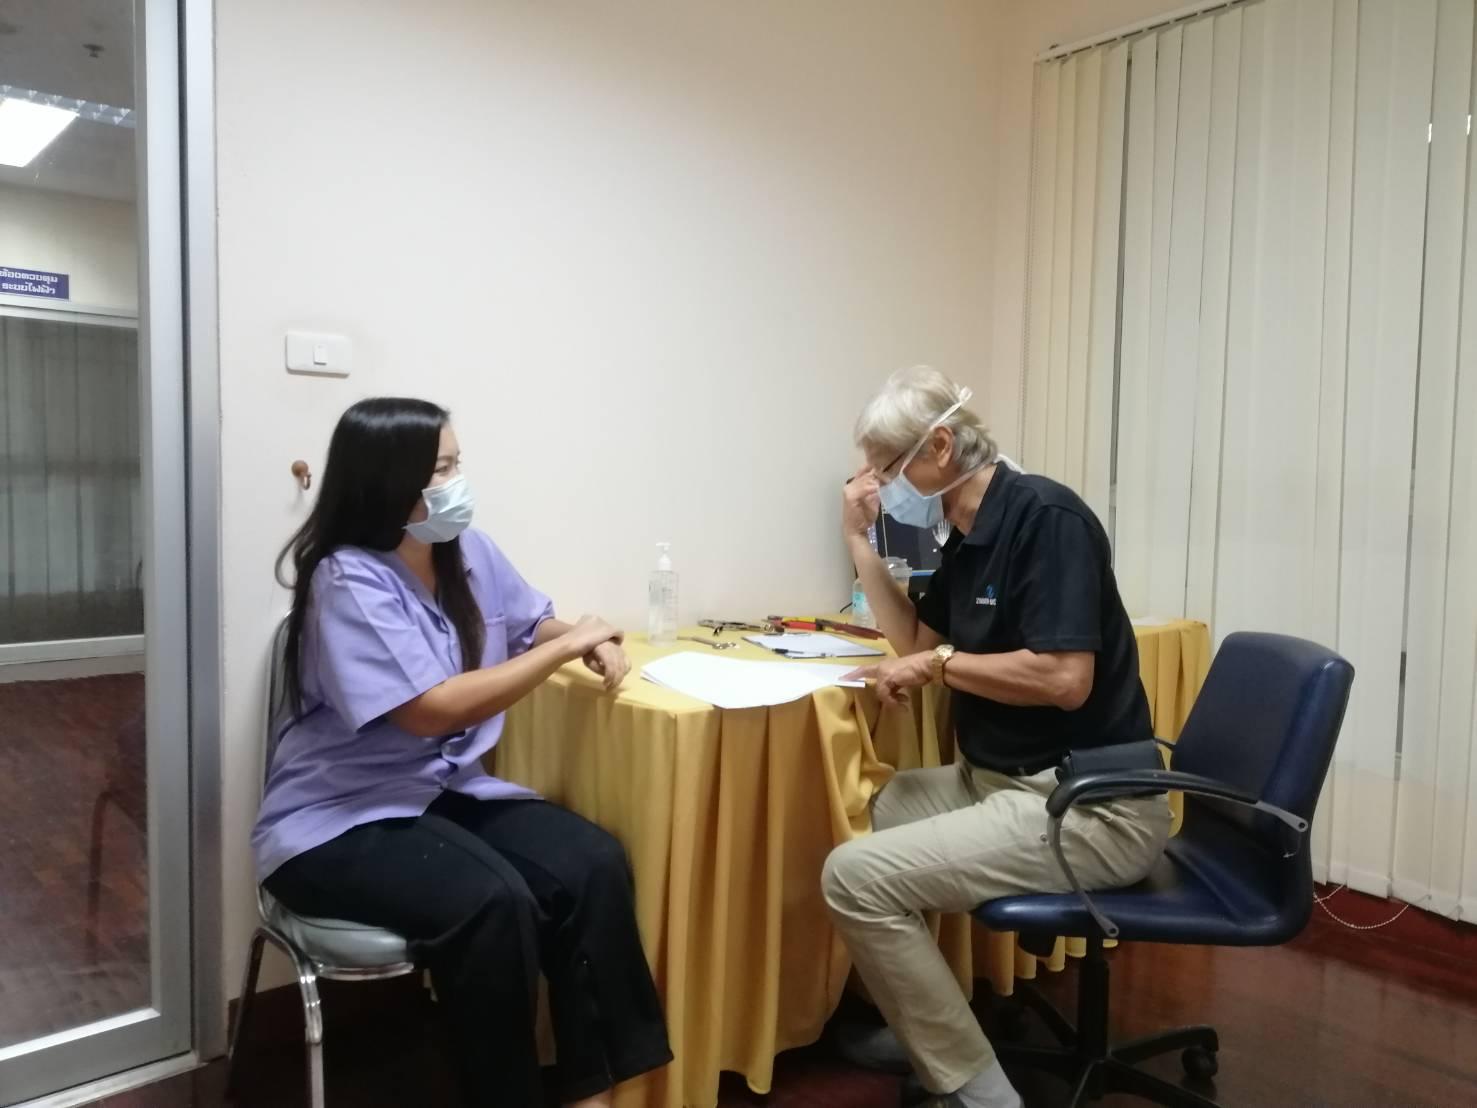 ตรวจรักษาให้แก่ผู้เข้ารับการฟื้นฟูสมรรถภาพที่บาดเจ็บเนื่องจากการทำงาน